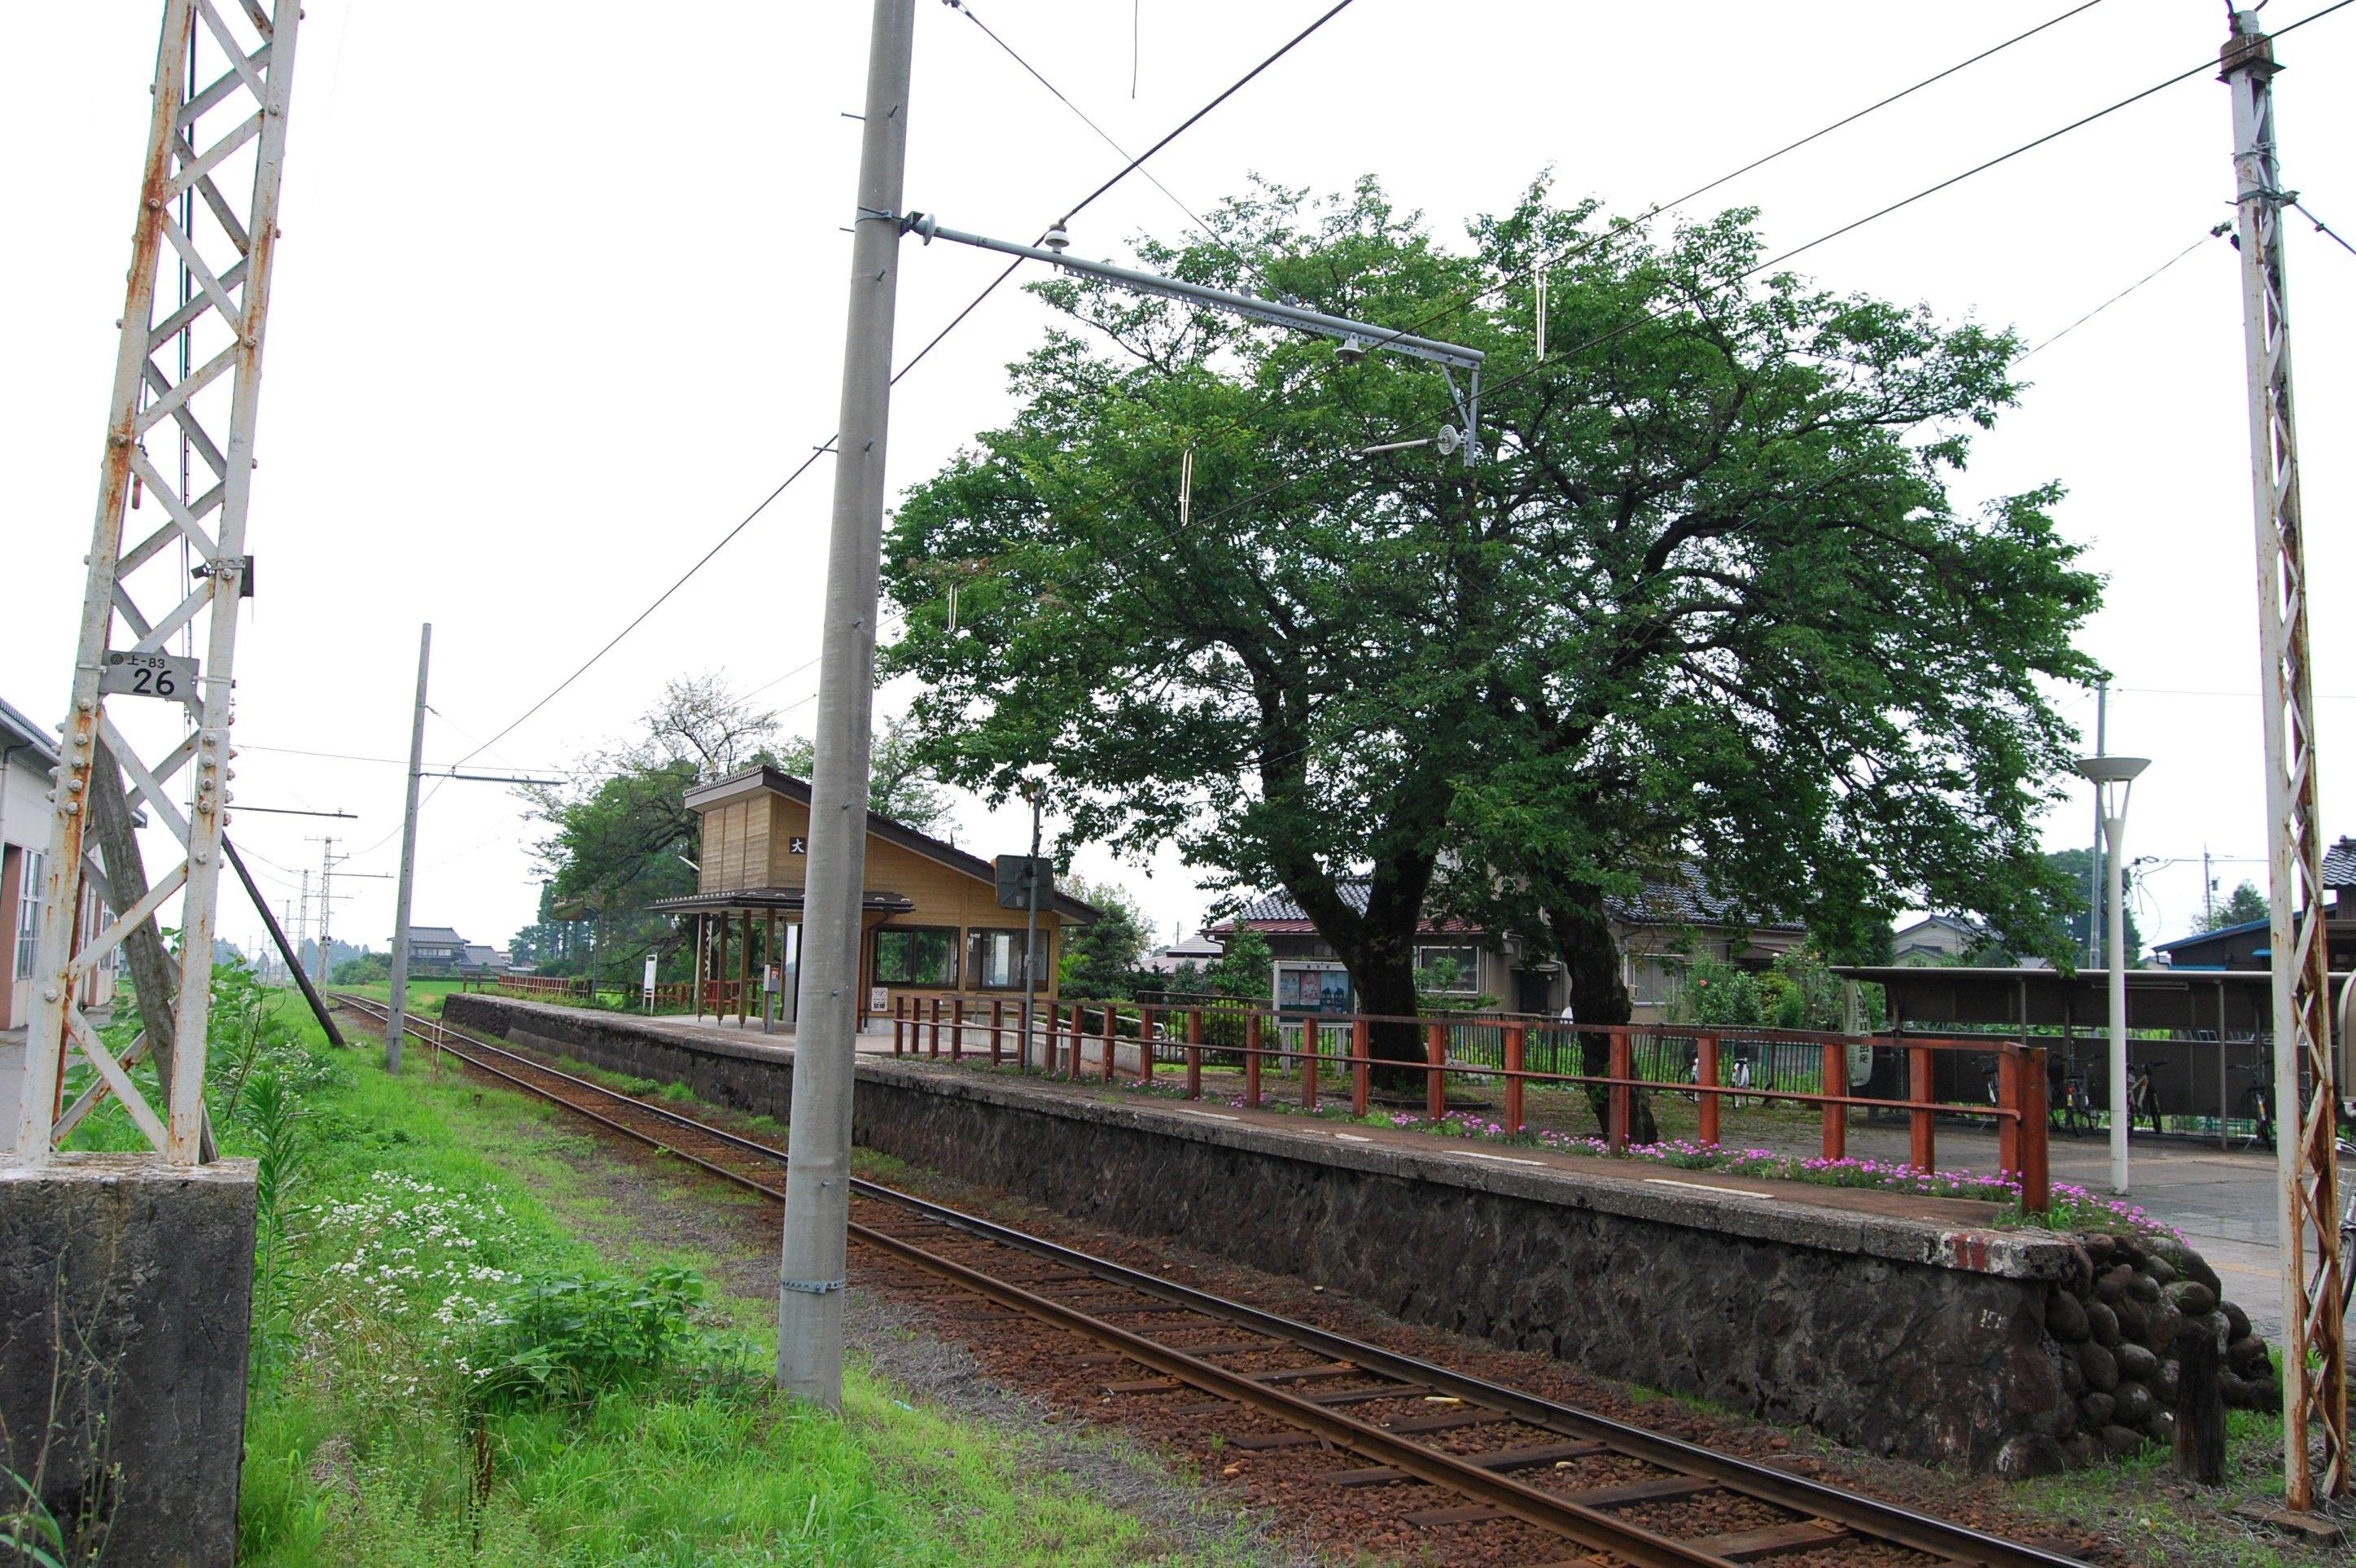 富山地方鉄道・大庄駅 | 富山フィルムコミッション